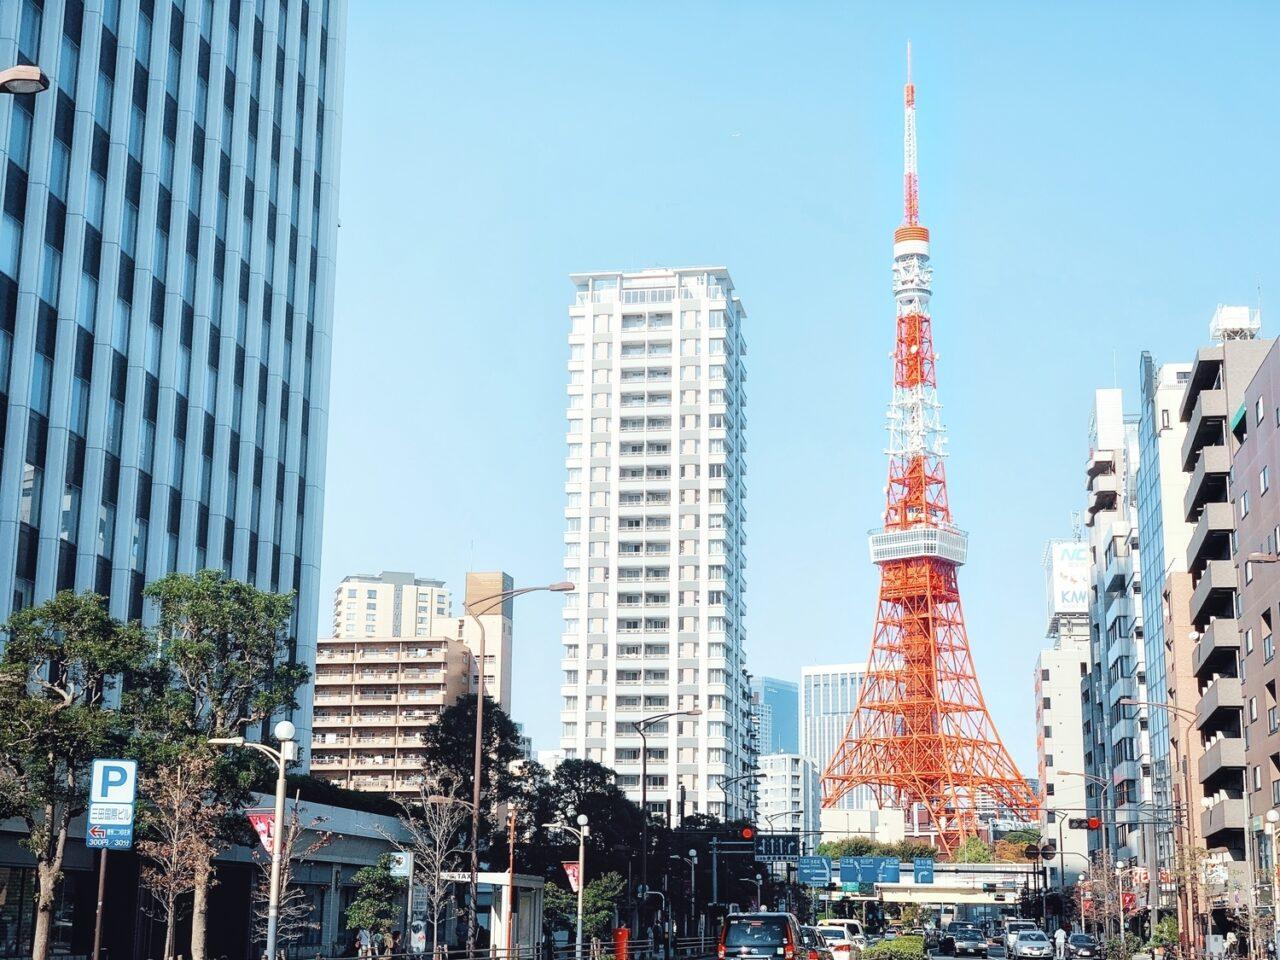 みんなが気になるスポーツを大公開♡東京オリンピックで注目している競技ランキングTOP5